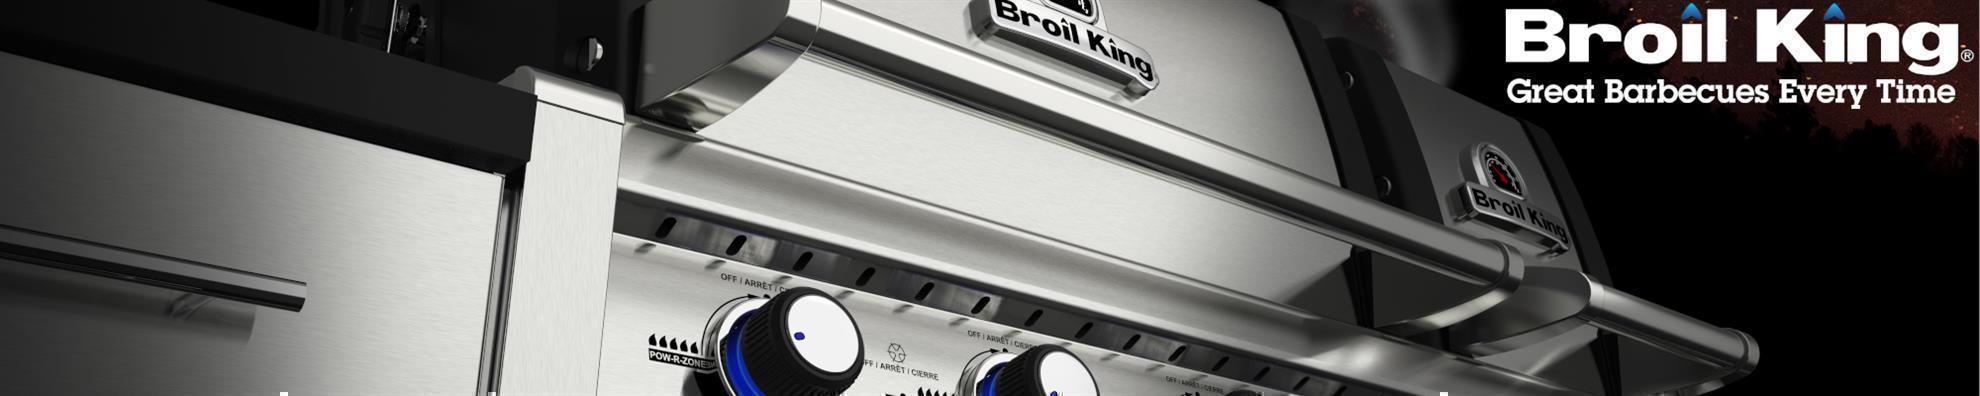 Broil King - SCHUTZHÜLLE 400ER BUILT-IN